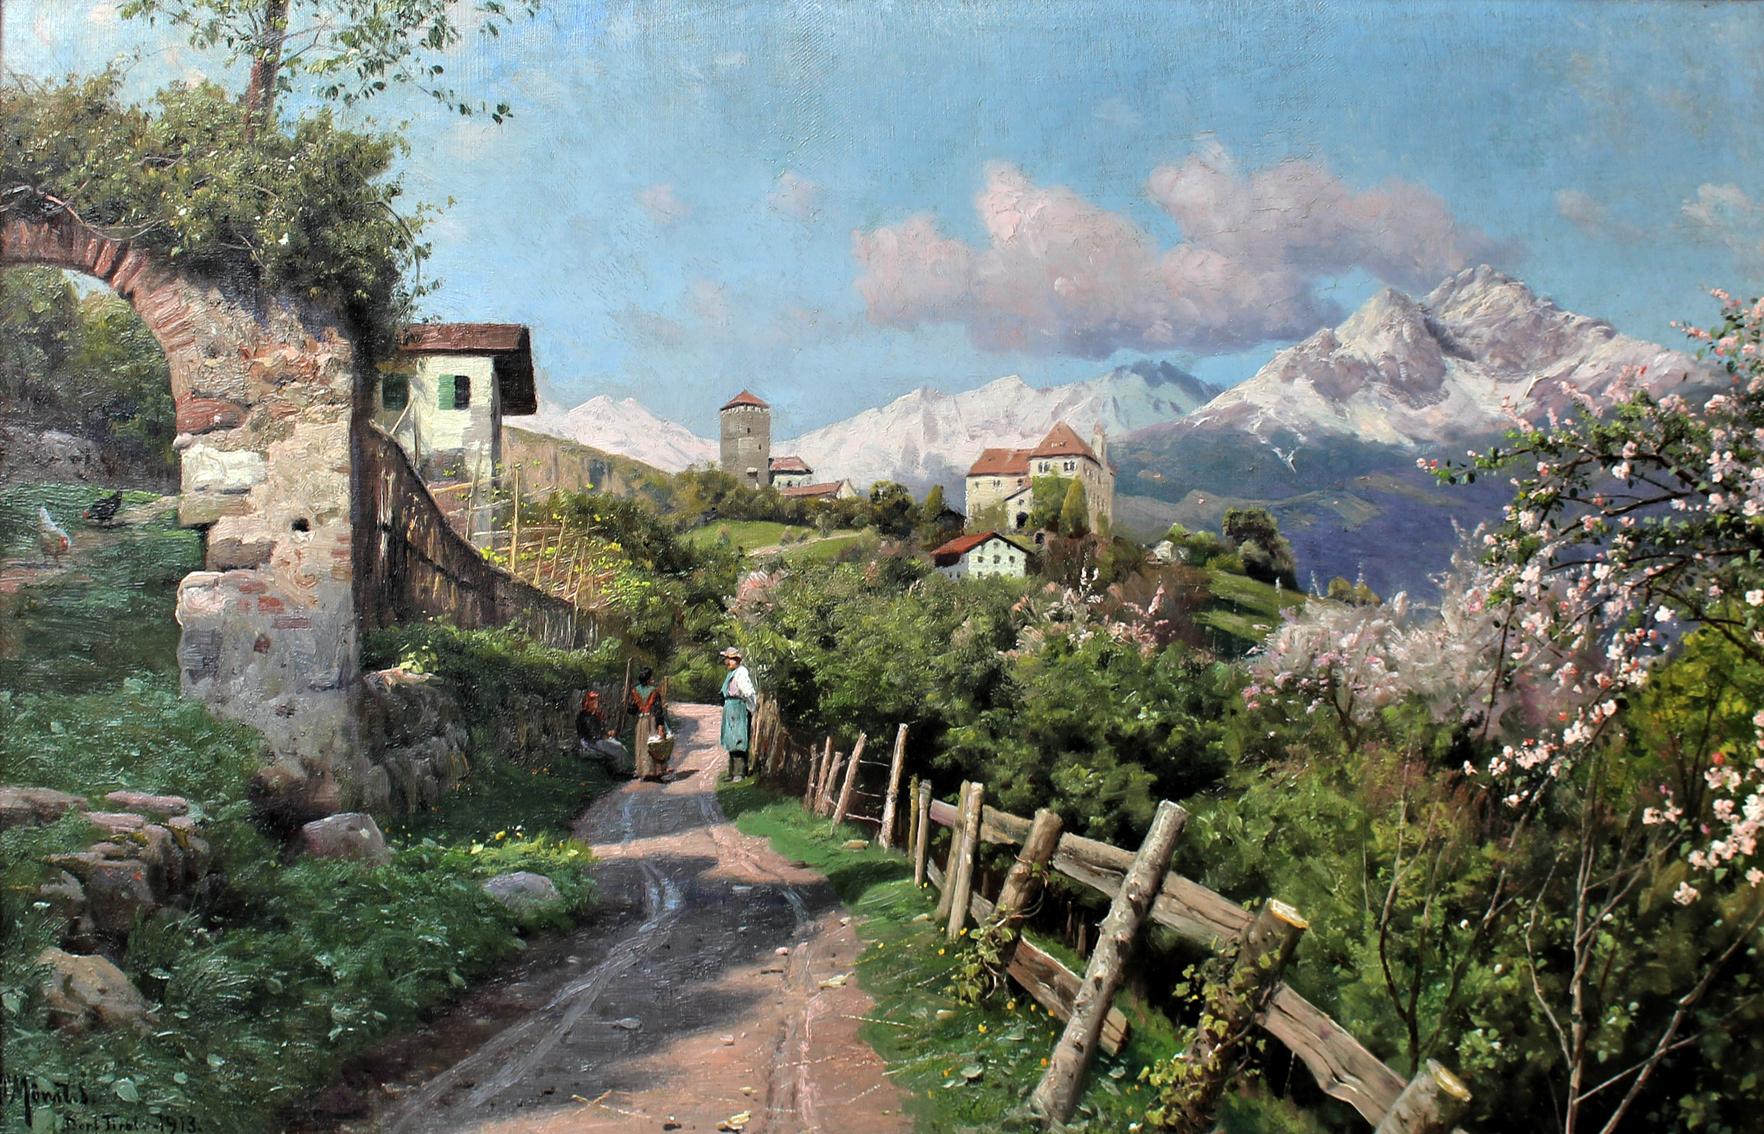 19242.jpg